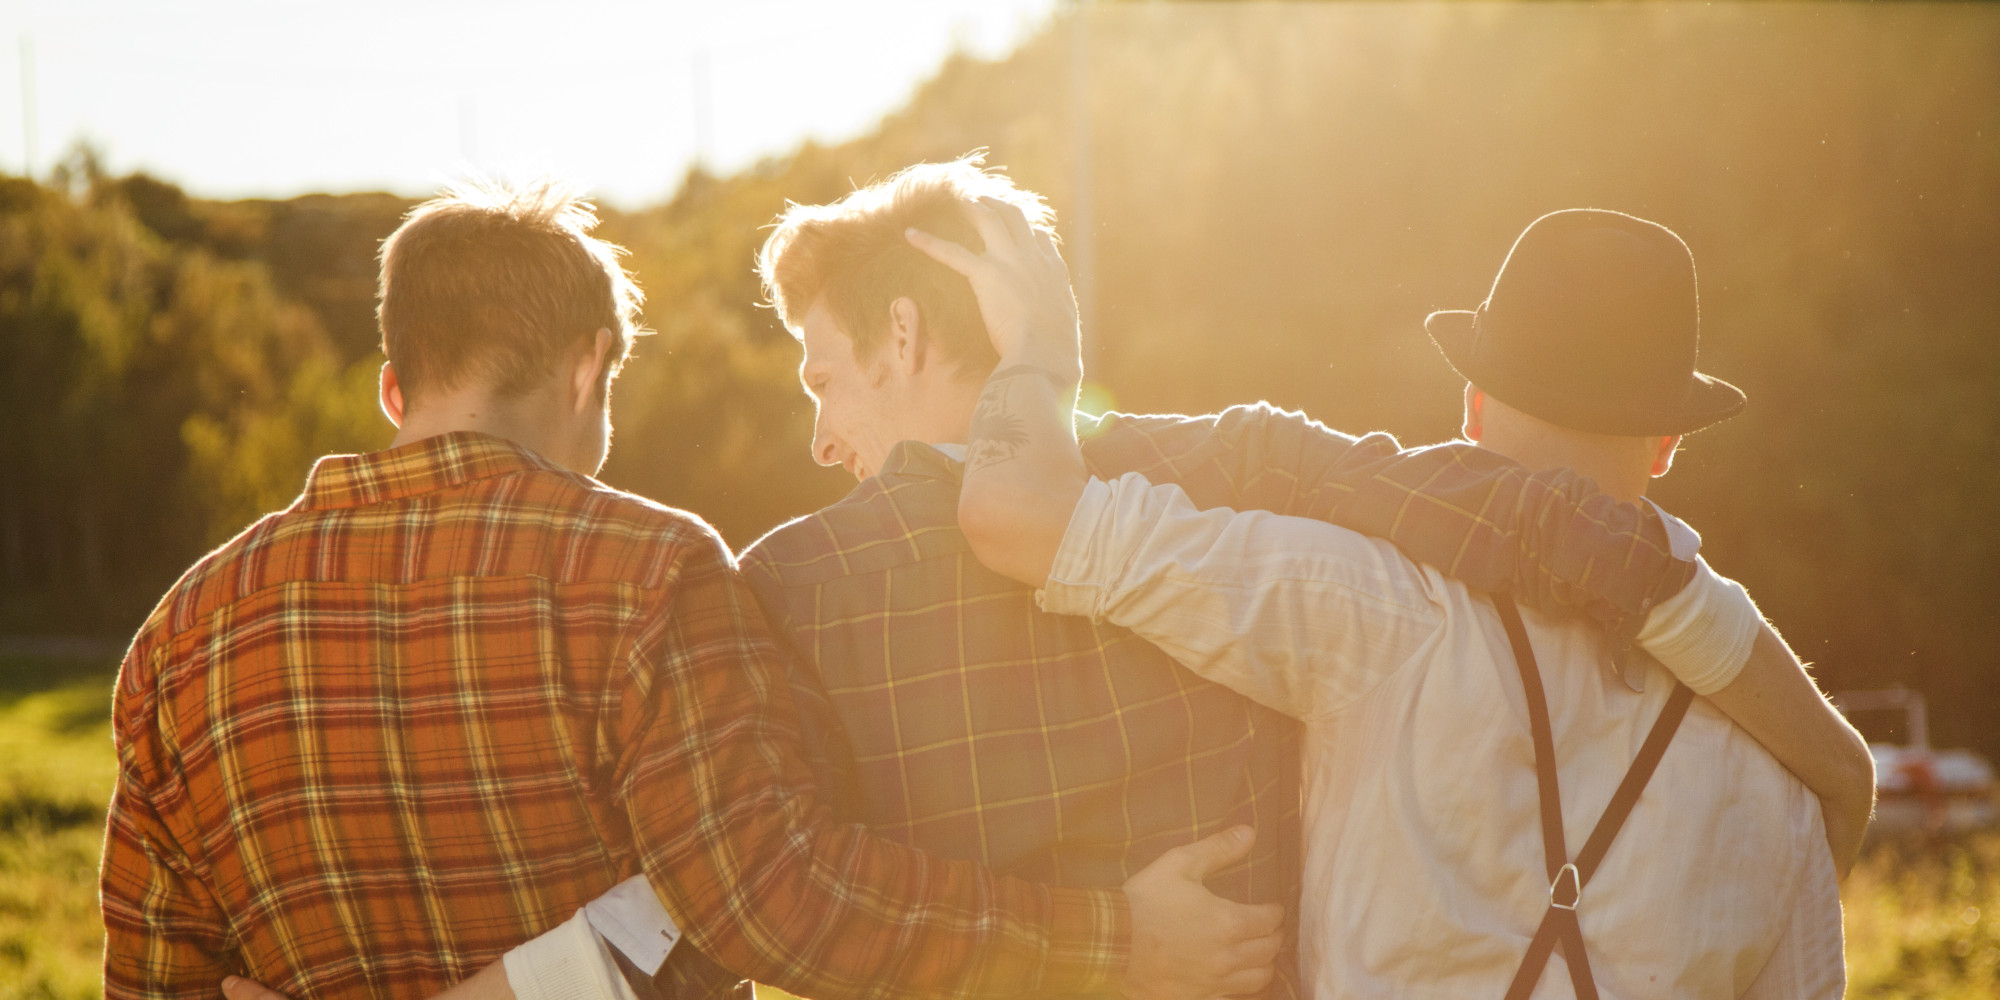 #2/2 Męska przyjaźń – lęki, które nie pozwalają budować relacji